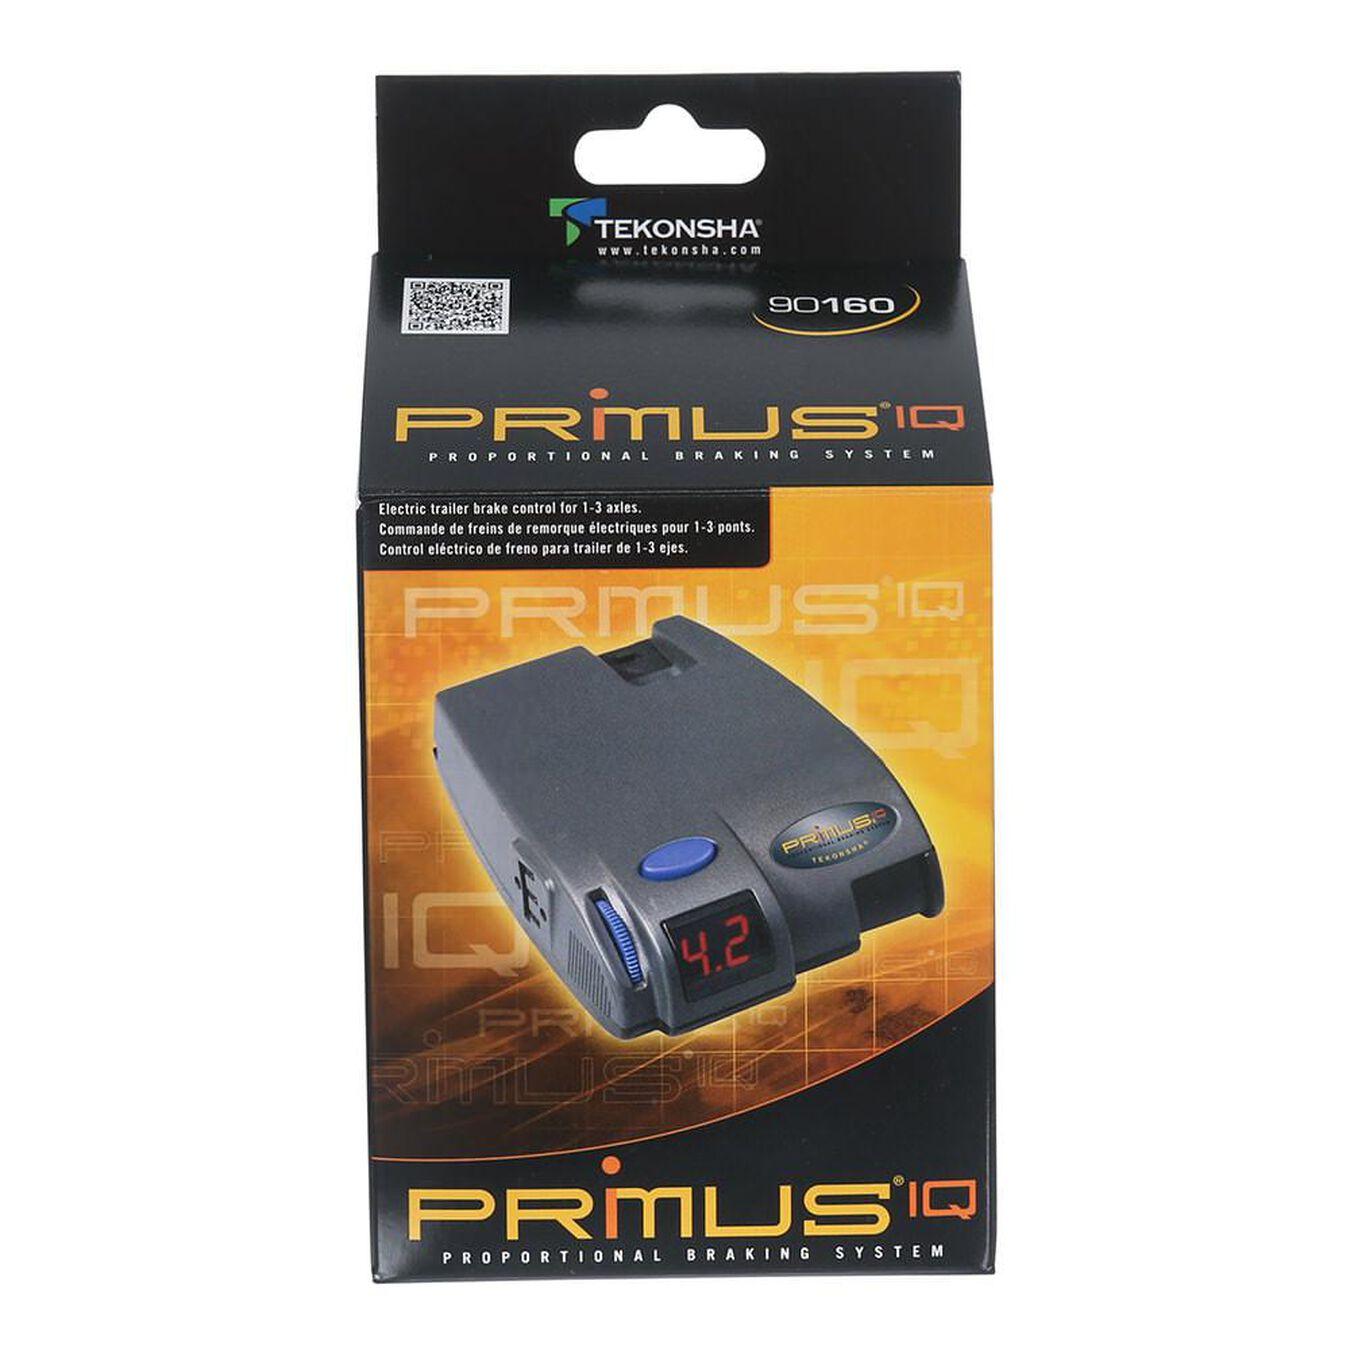 Primus Iq Brake Control